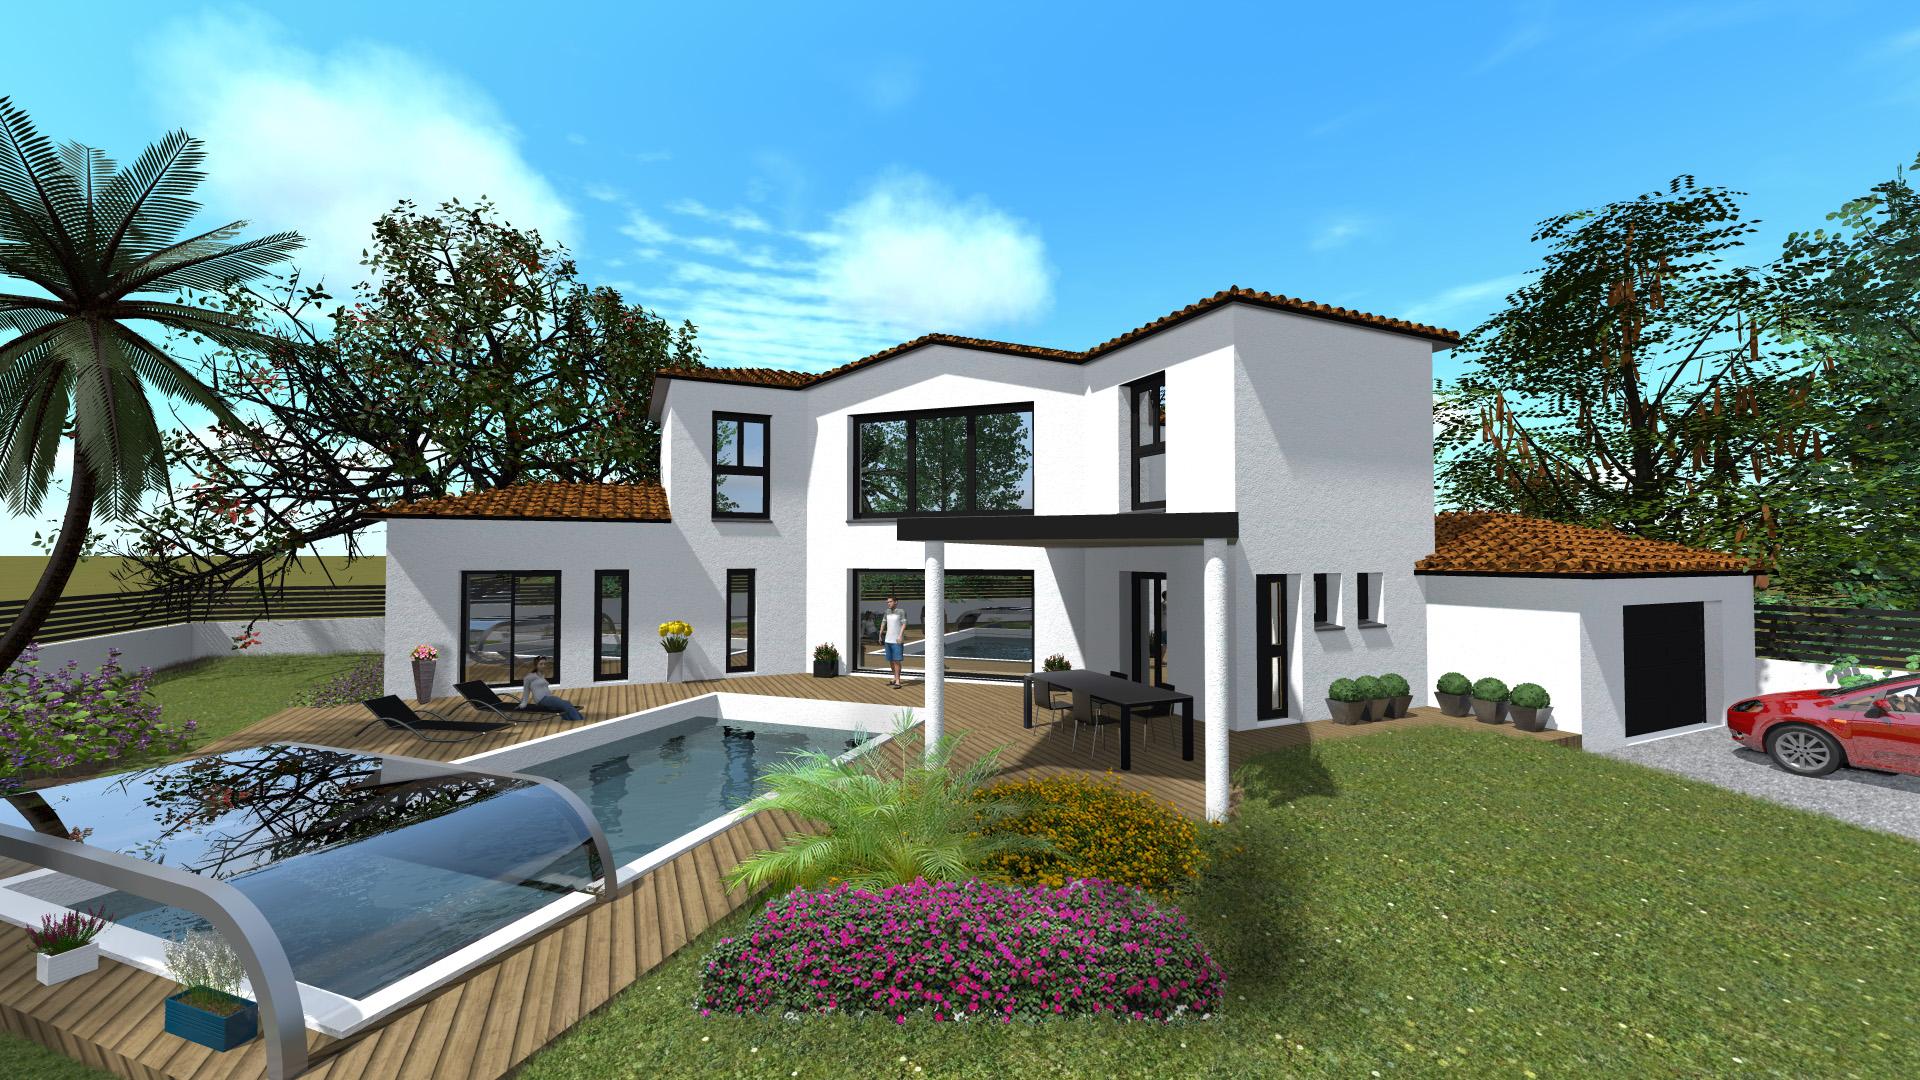 Maisons + Terrains du constructeur VILLAS SUD CREATION • 185 m² • LAVERNOSE LACASSE